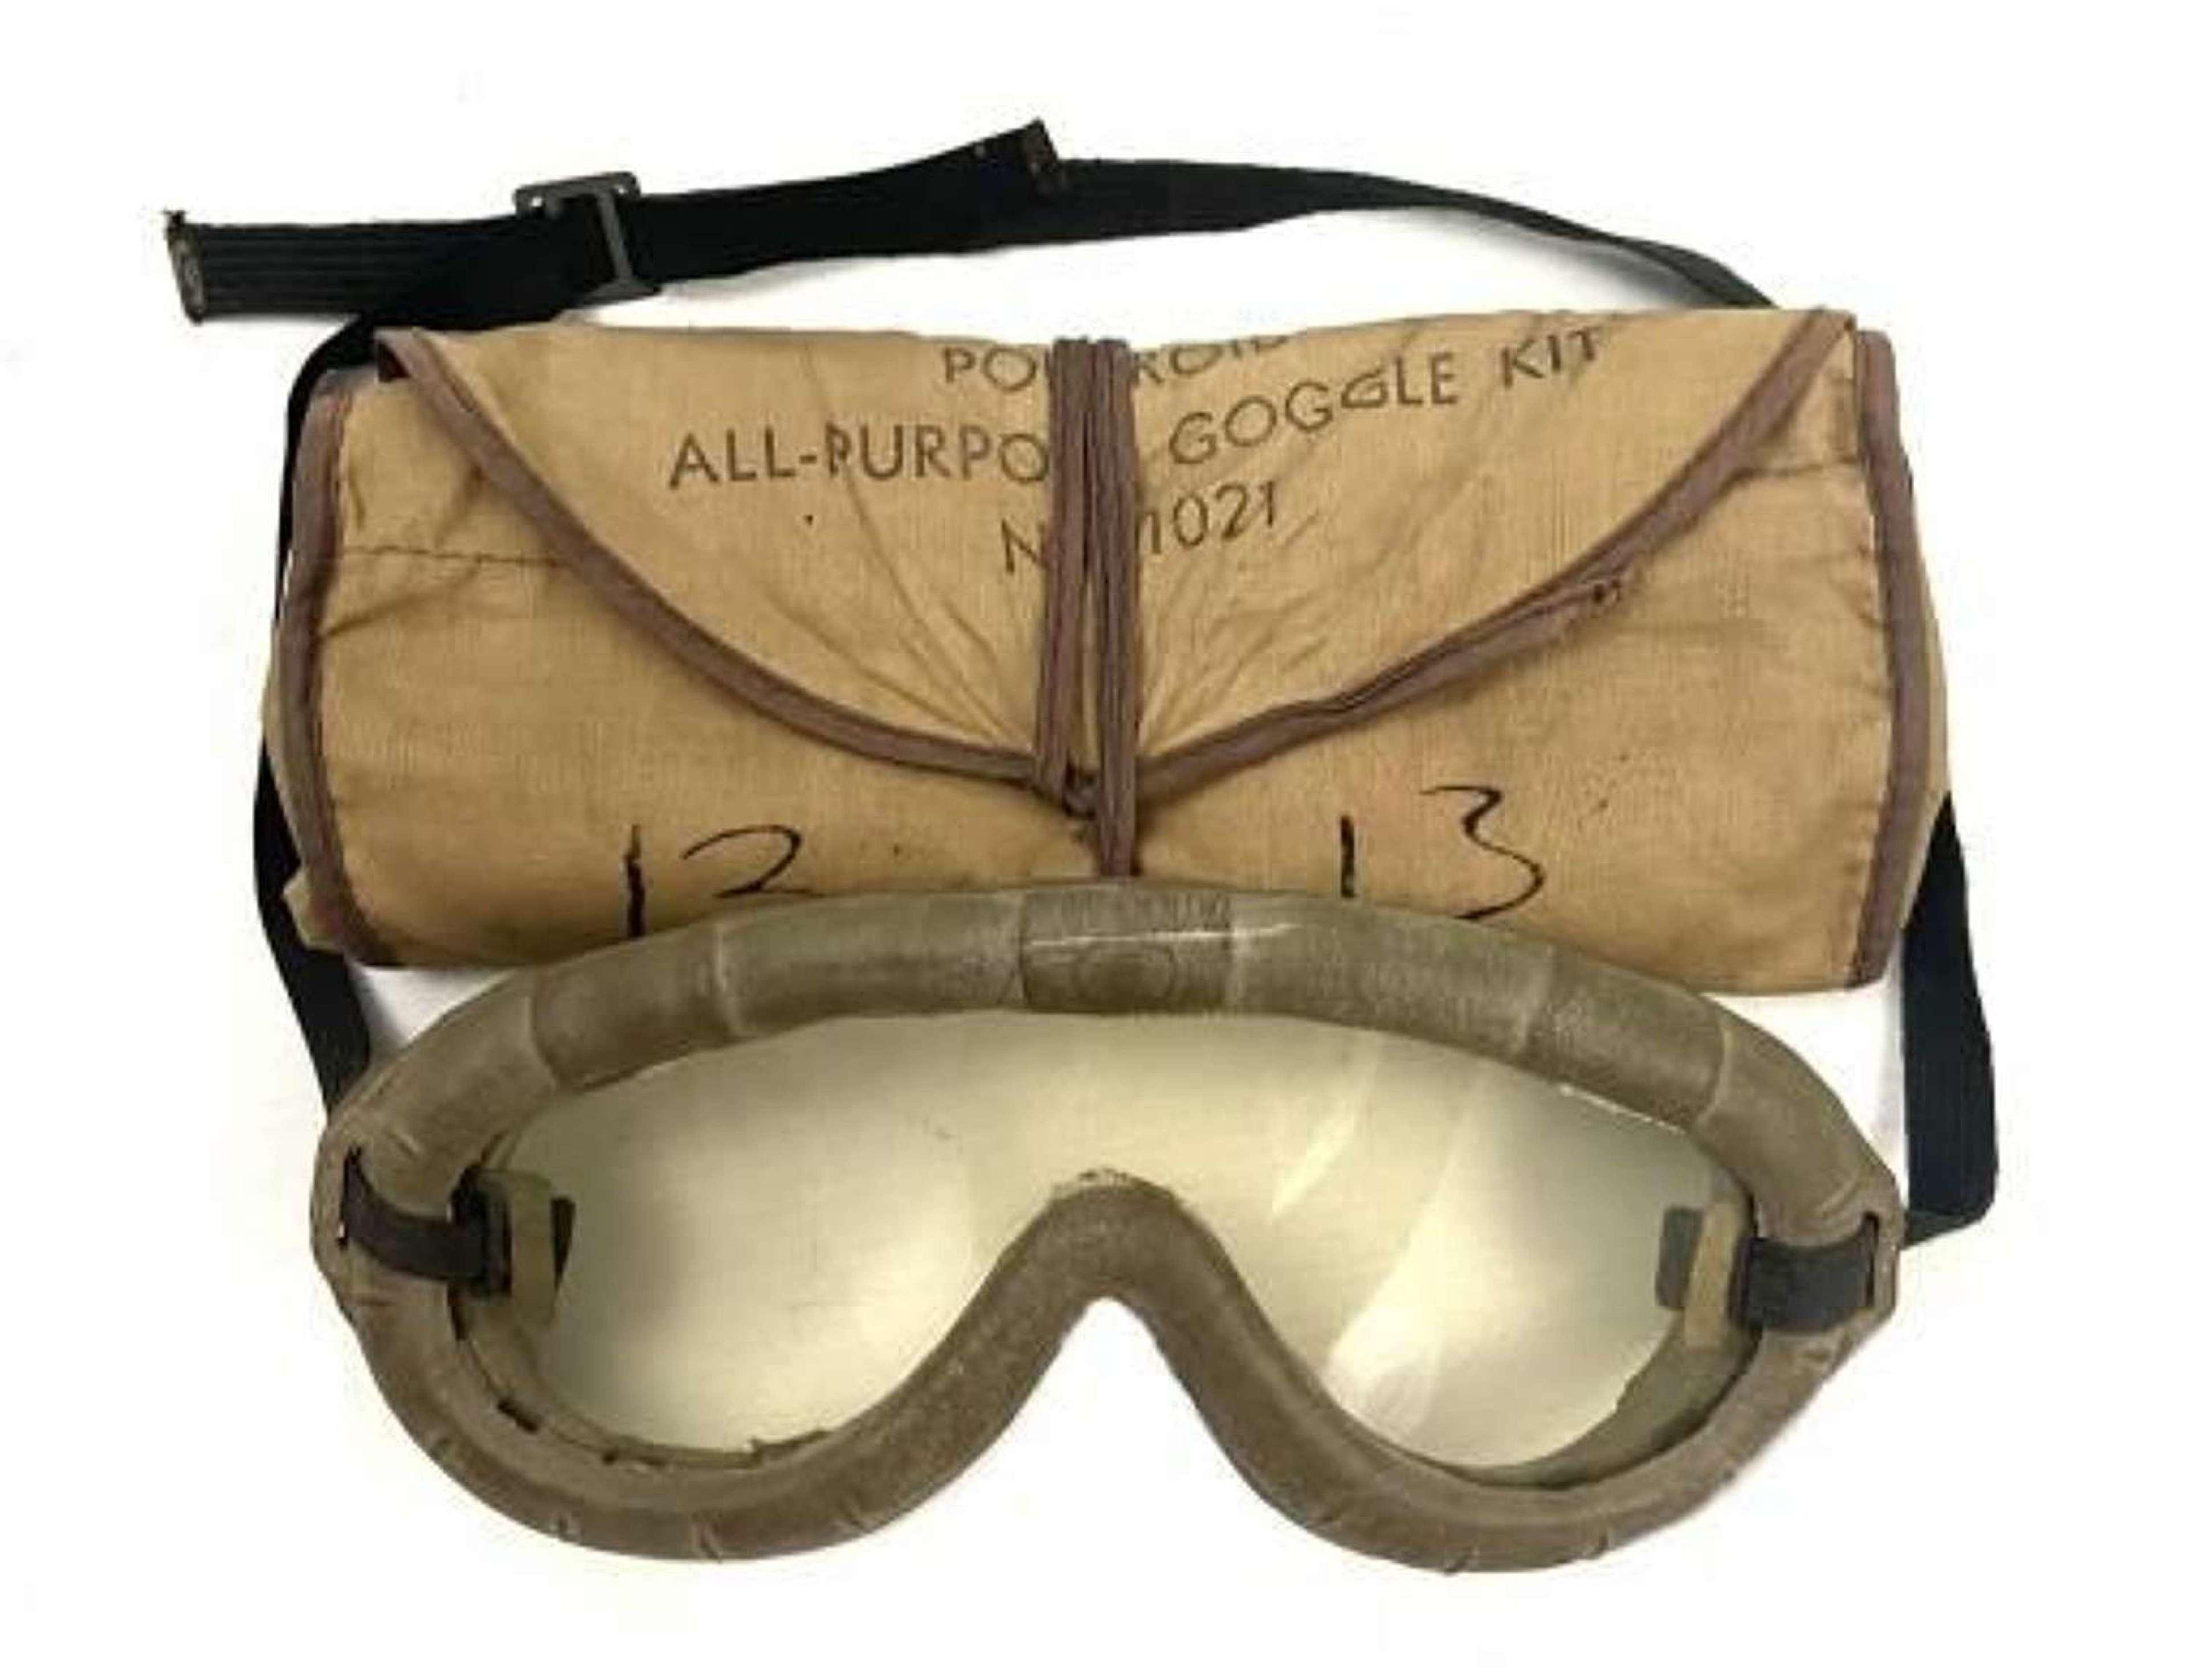 Original WW2 US Polaroid All Purpose Goggles, No 1021 + Case